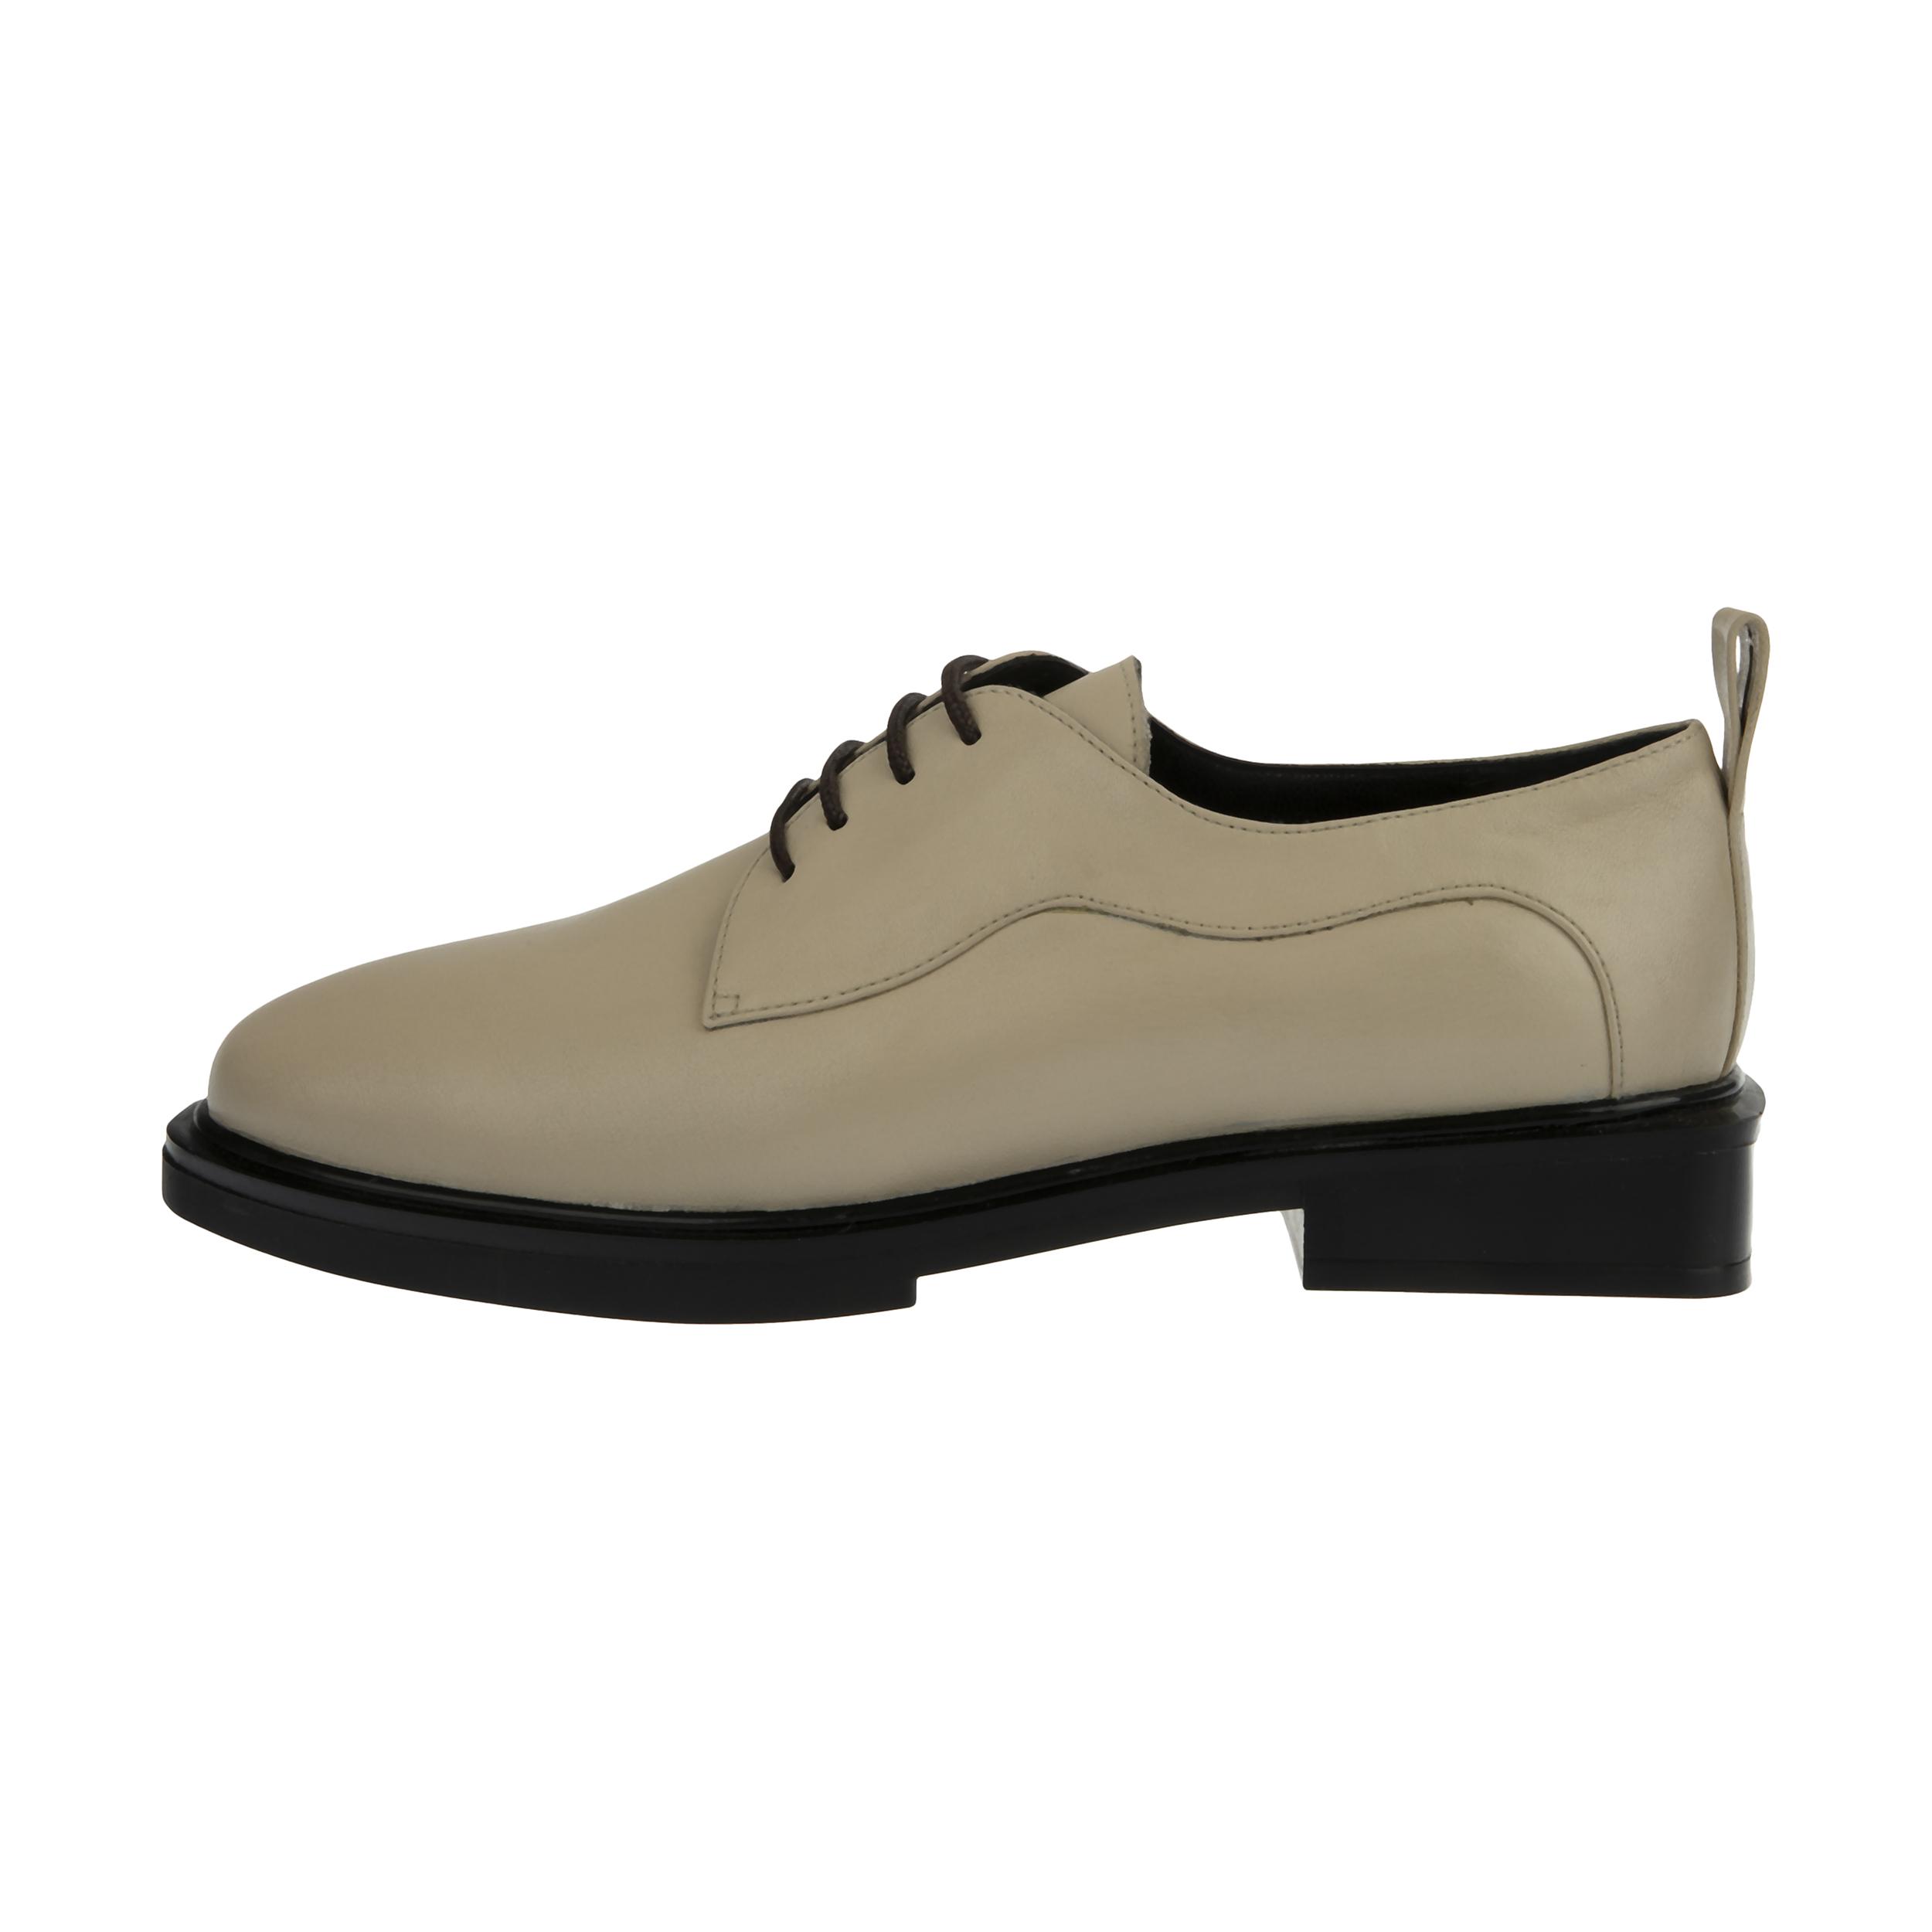 کفش روزمره زنانه آرتمن مدل Brooke-42196